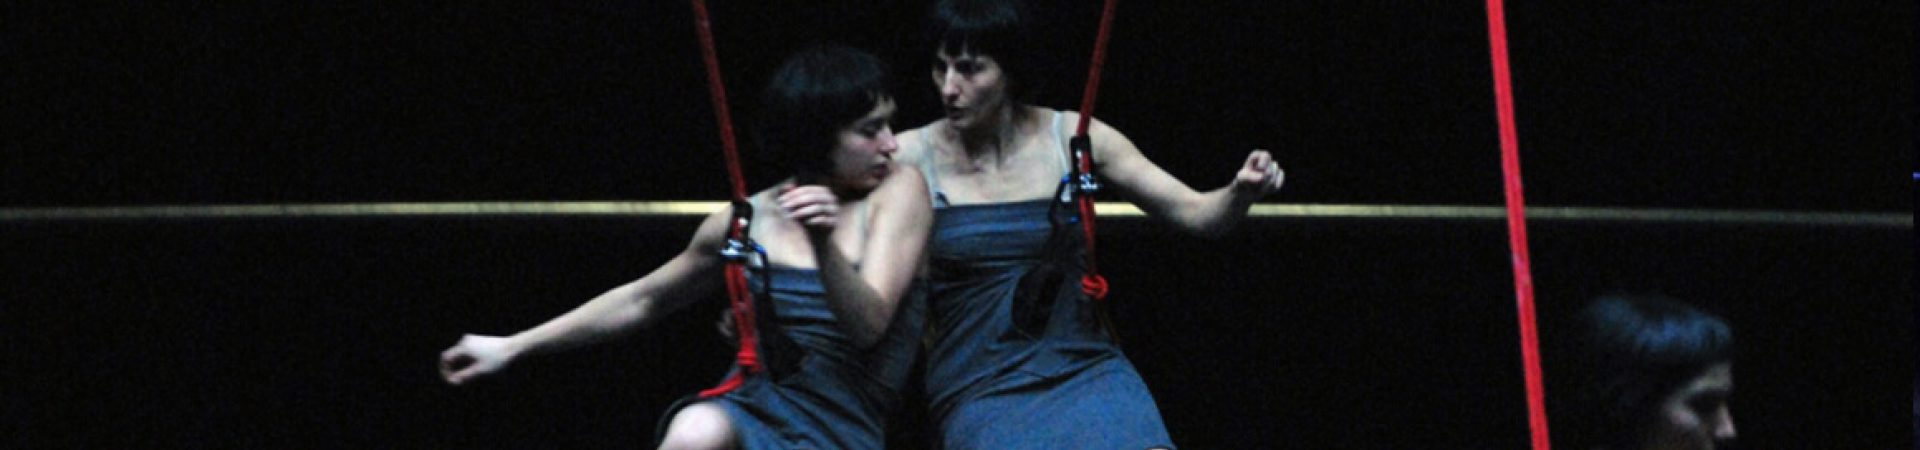 Khoom - Reprise de rôle 2008